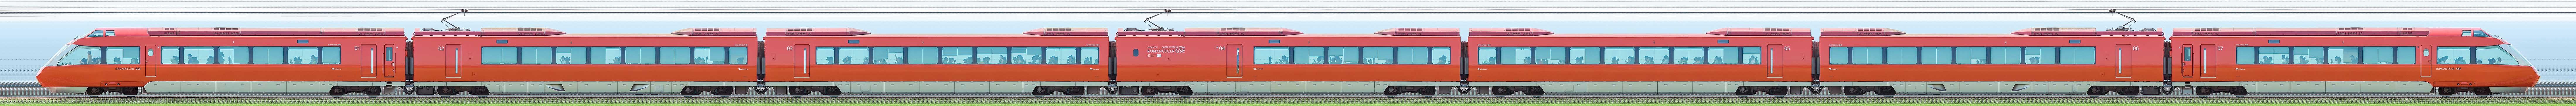 小田急70000形「GSE」70052×7(海側)の編成サイドビュー